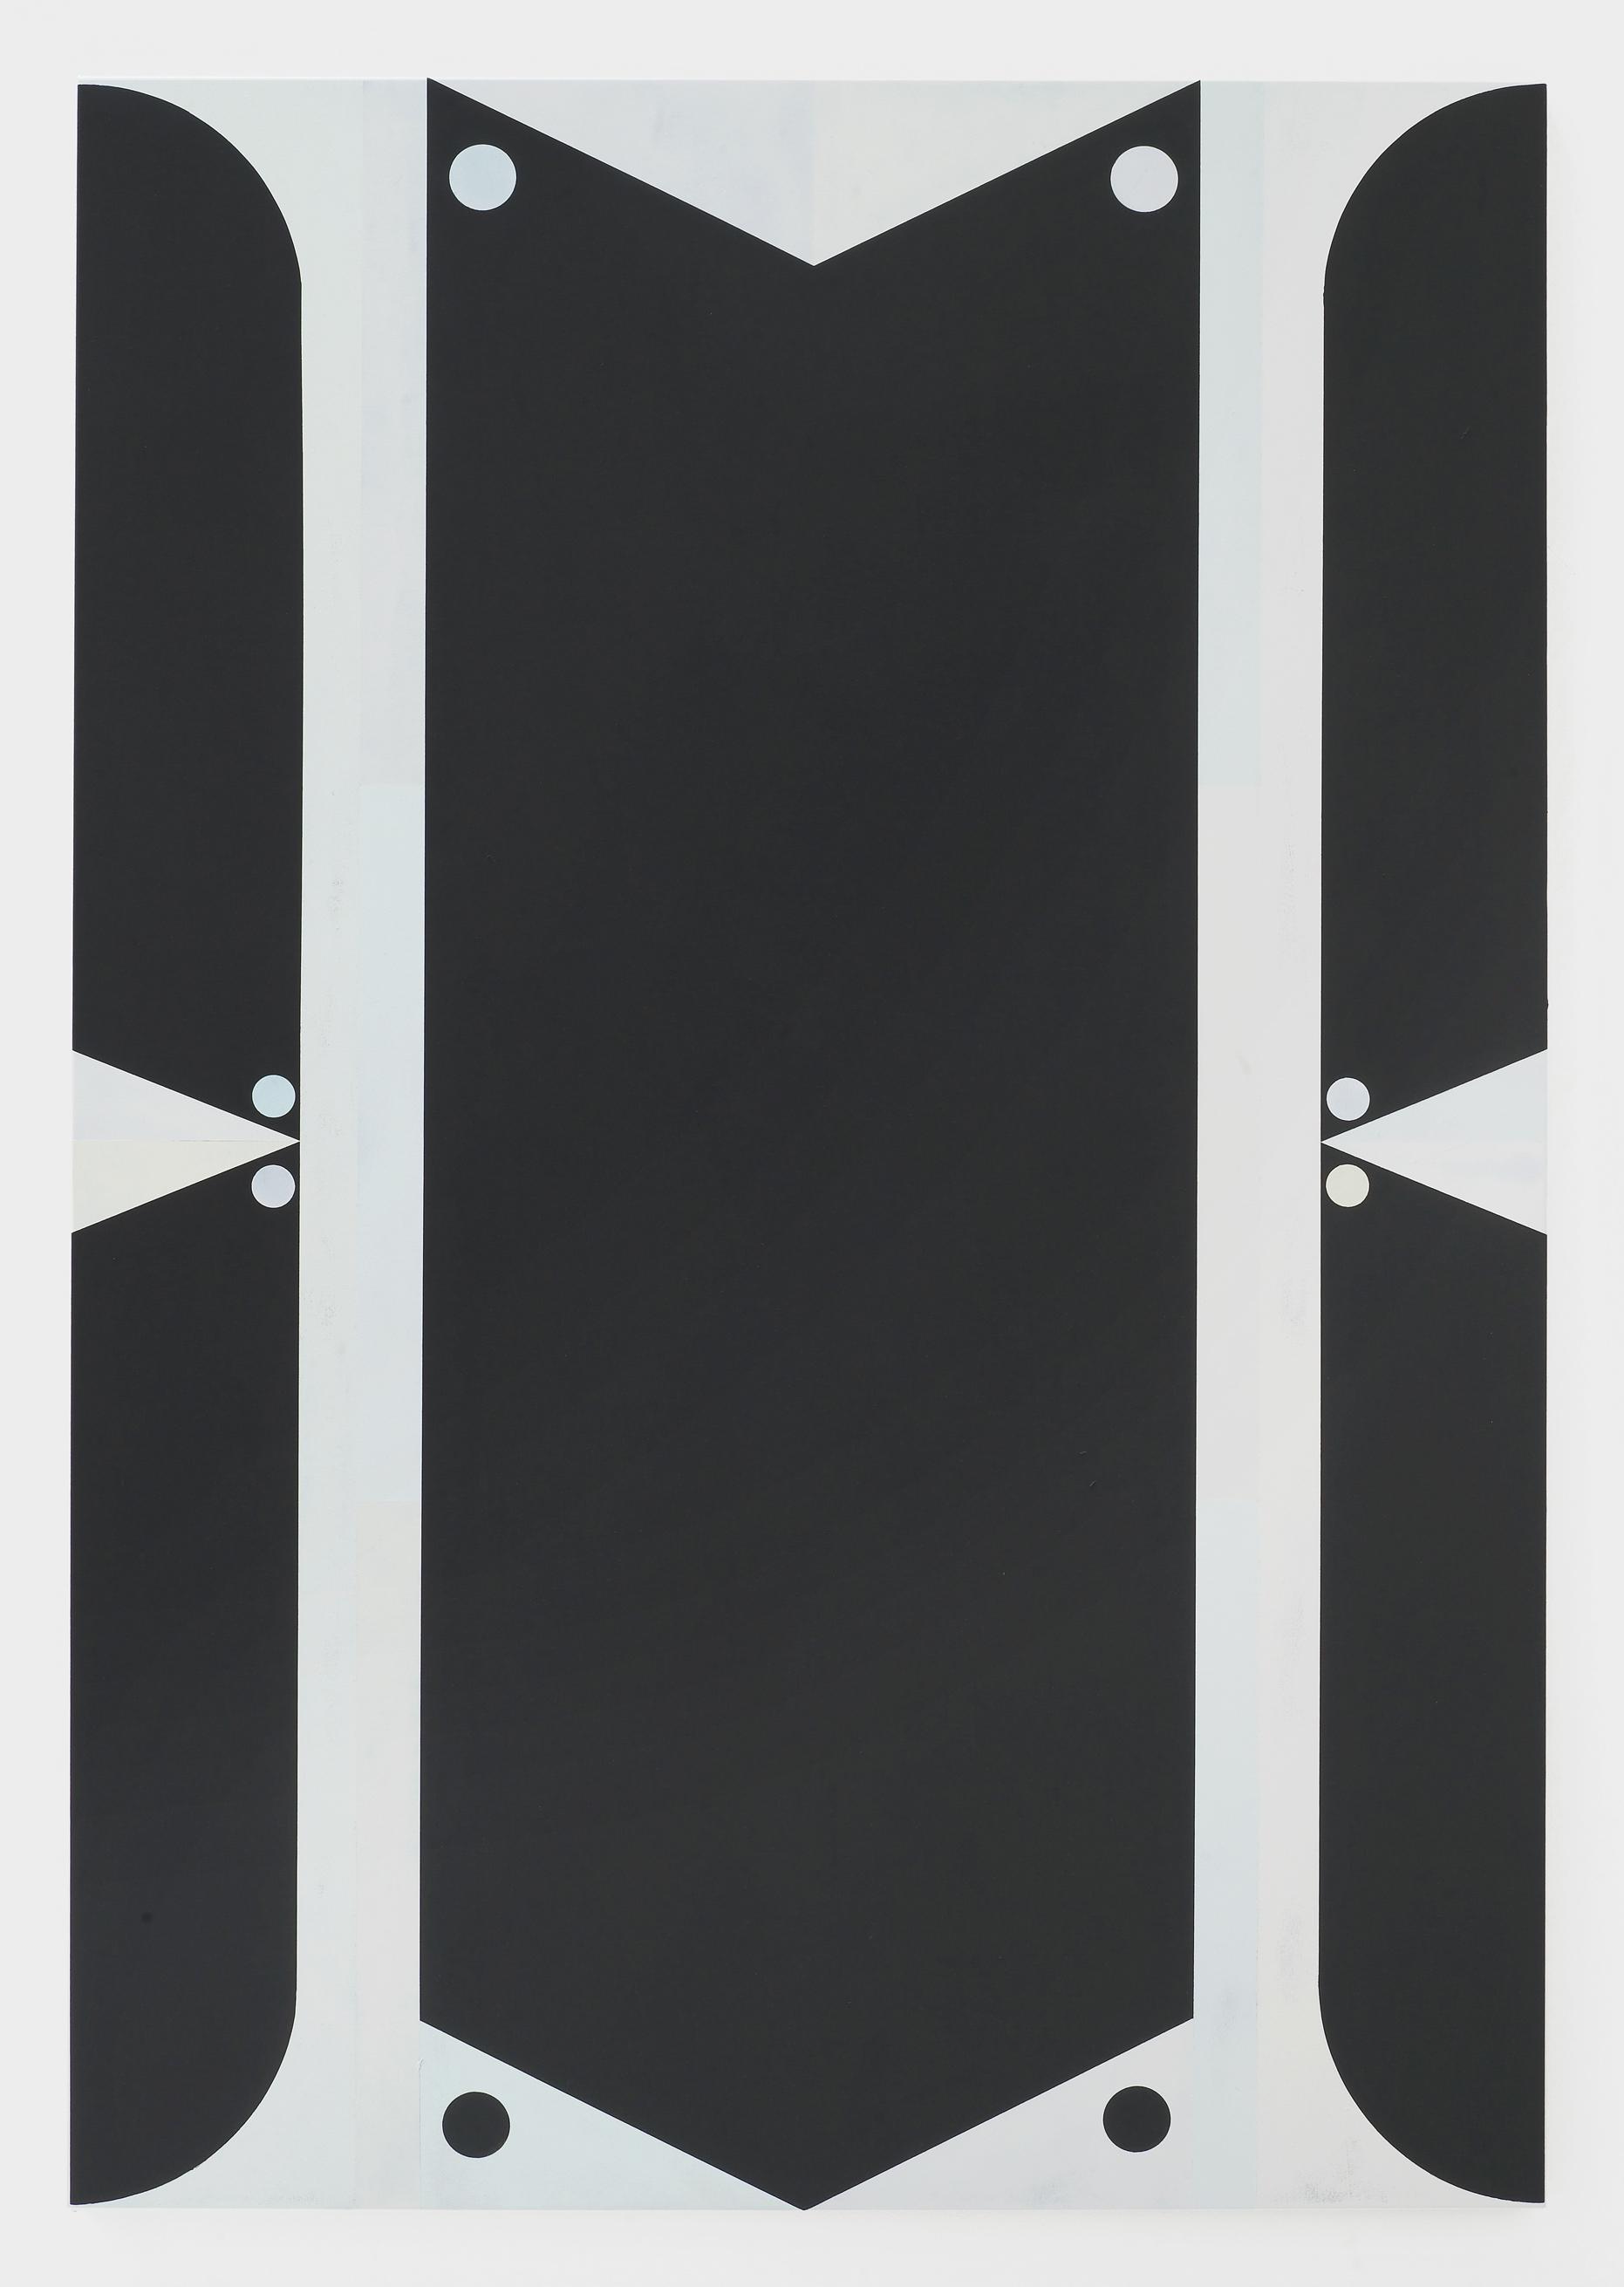 Artist: Robin Seir  Title: 'Ebisu', 2016  Medium: Acrylic on canvas  Dimensions: 190 cm (h) x 130 cm (w)